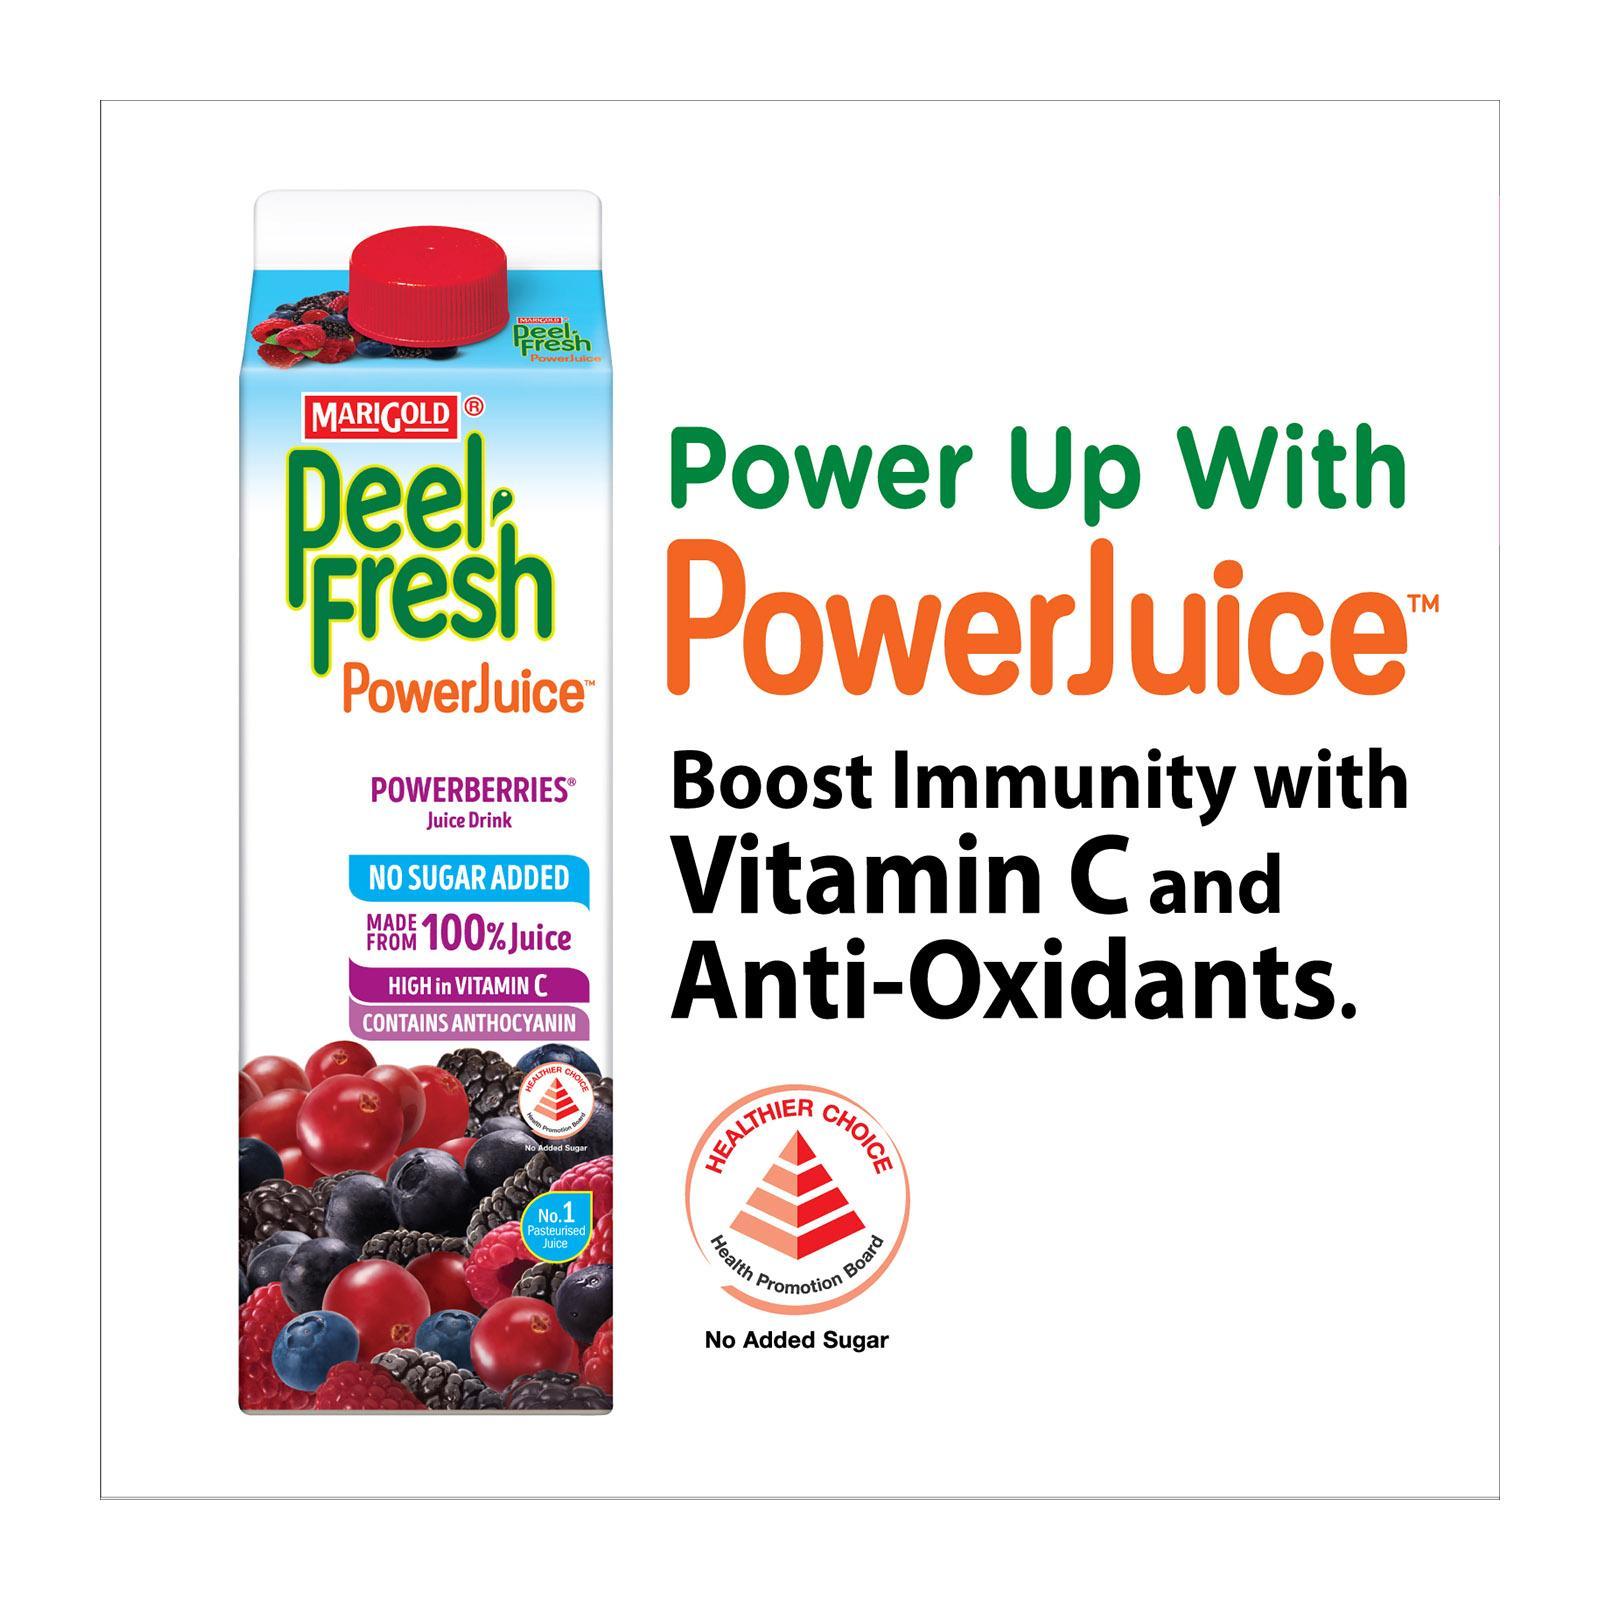 MARIGOLD Peel Fresh No Sugar Added Juice Drink - Powerberries